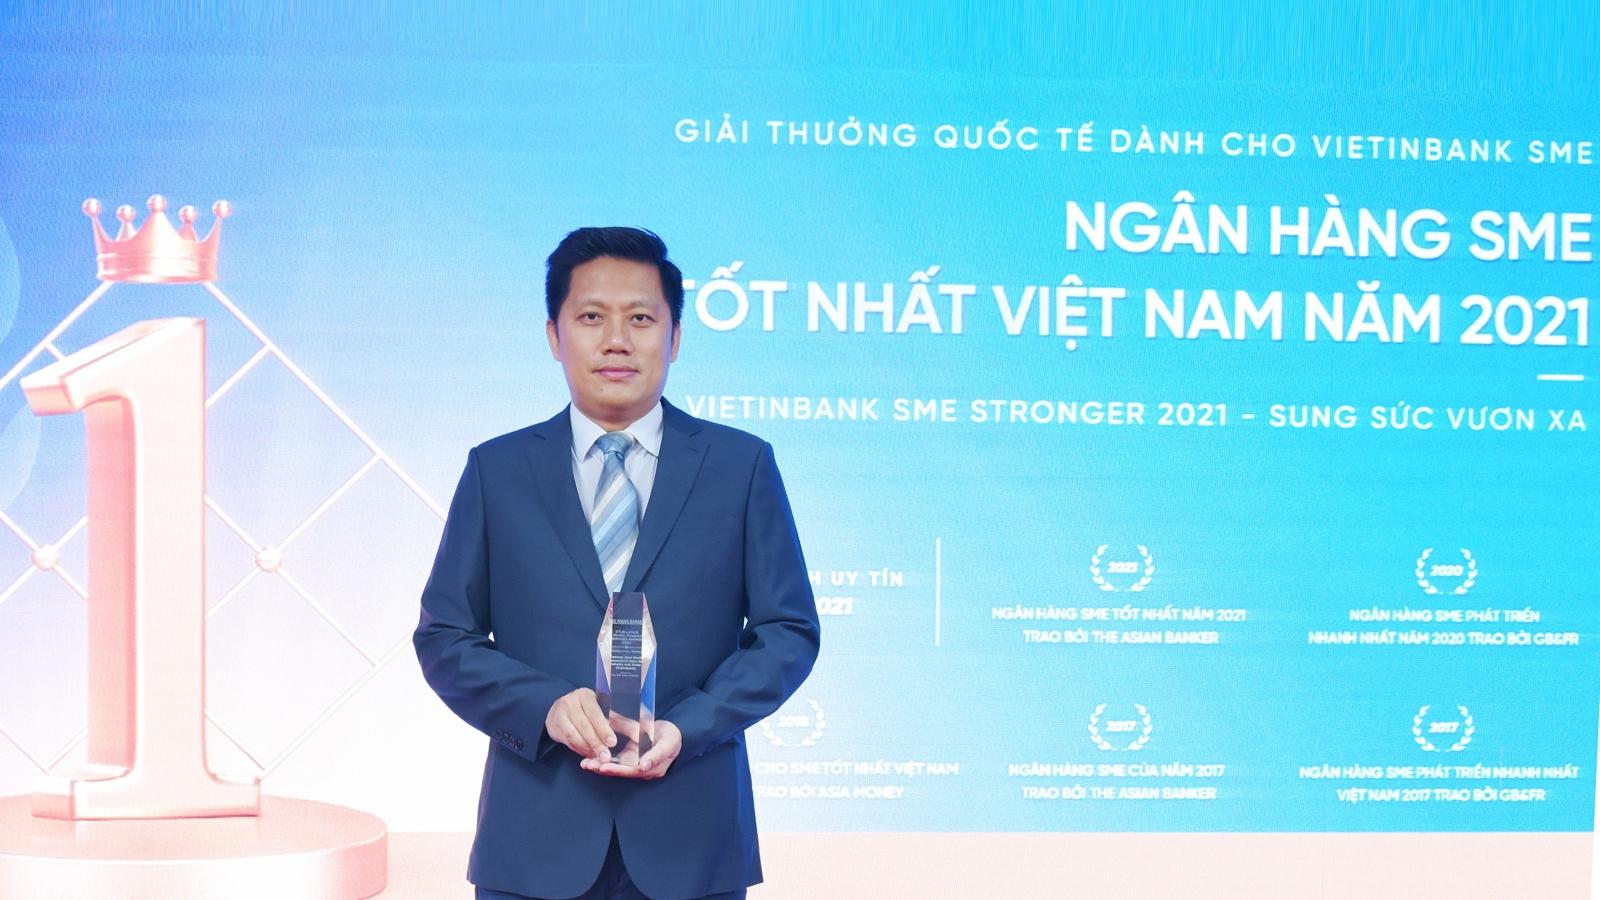 VietinBank là Ngân hàng SME tốt nhất Việt Nam 2021